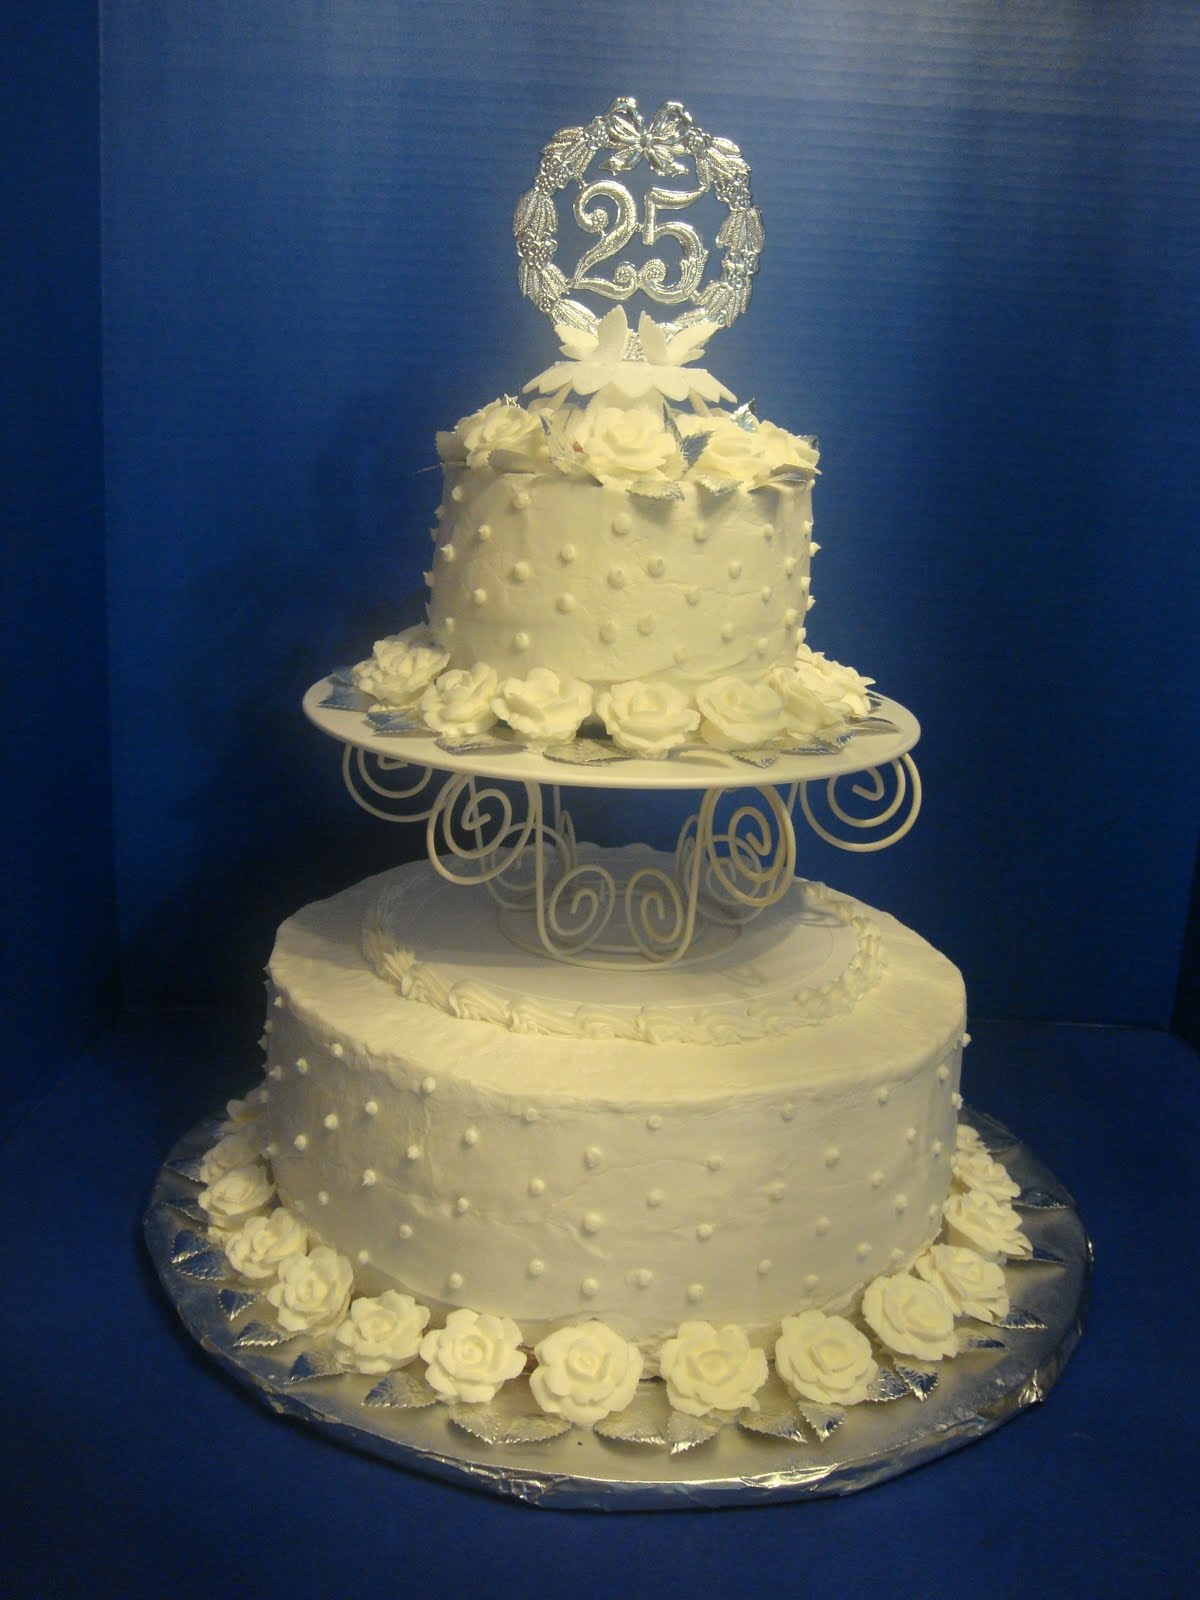 Cake Design For 25th Anniversary Milofi Com For